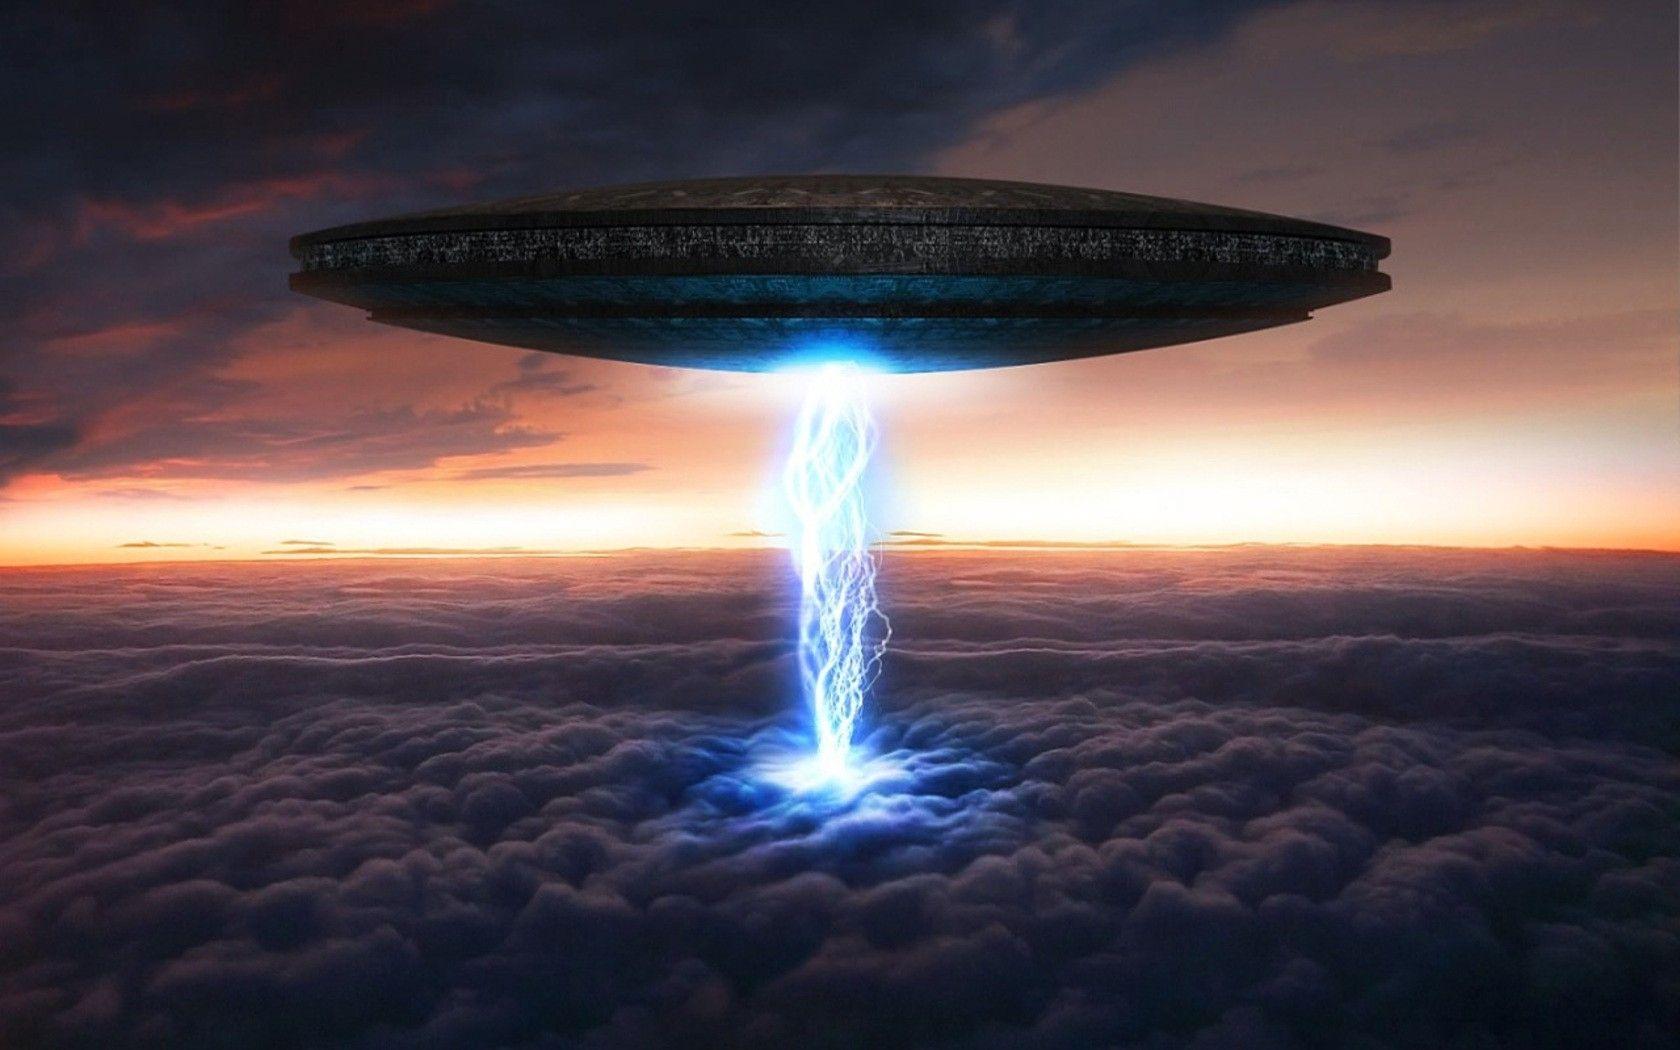 ovni-ufologia-misterios-enigmas-pentagono-militares-gobierno-estados-unidos-investigacion-ufo-fenomenos-aereos-no-identificados